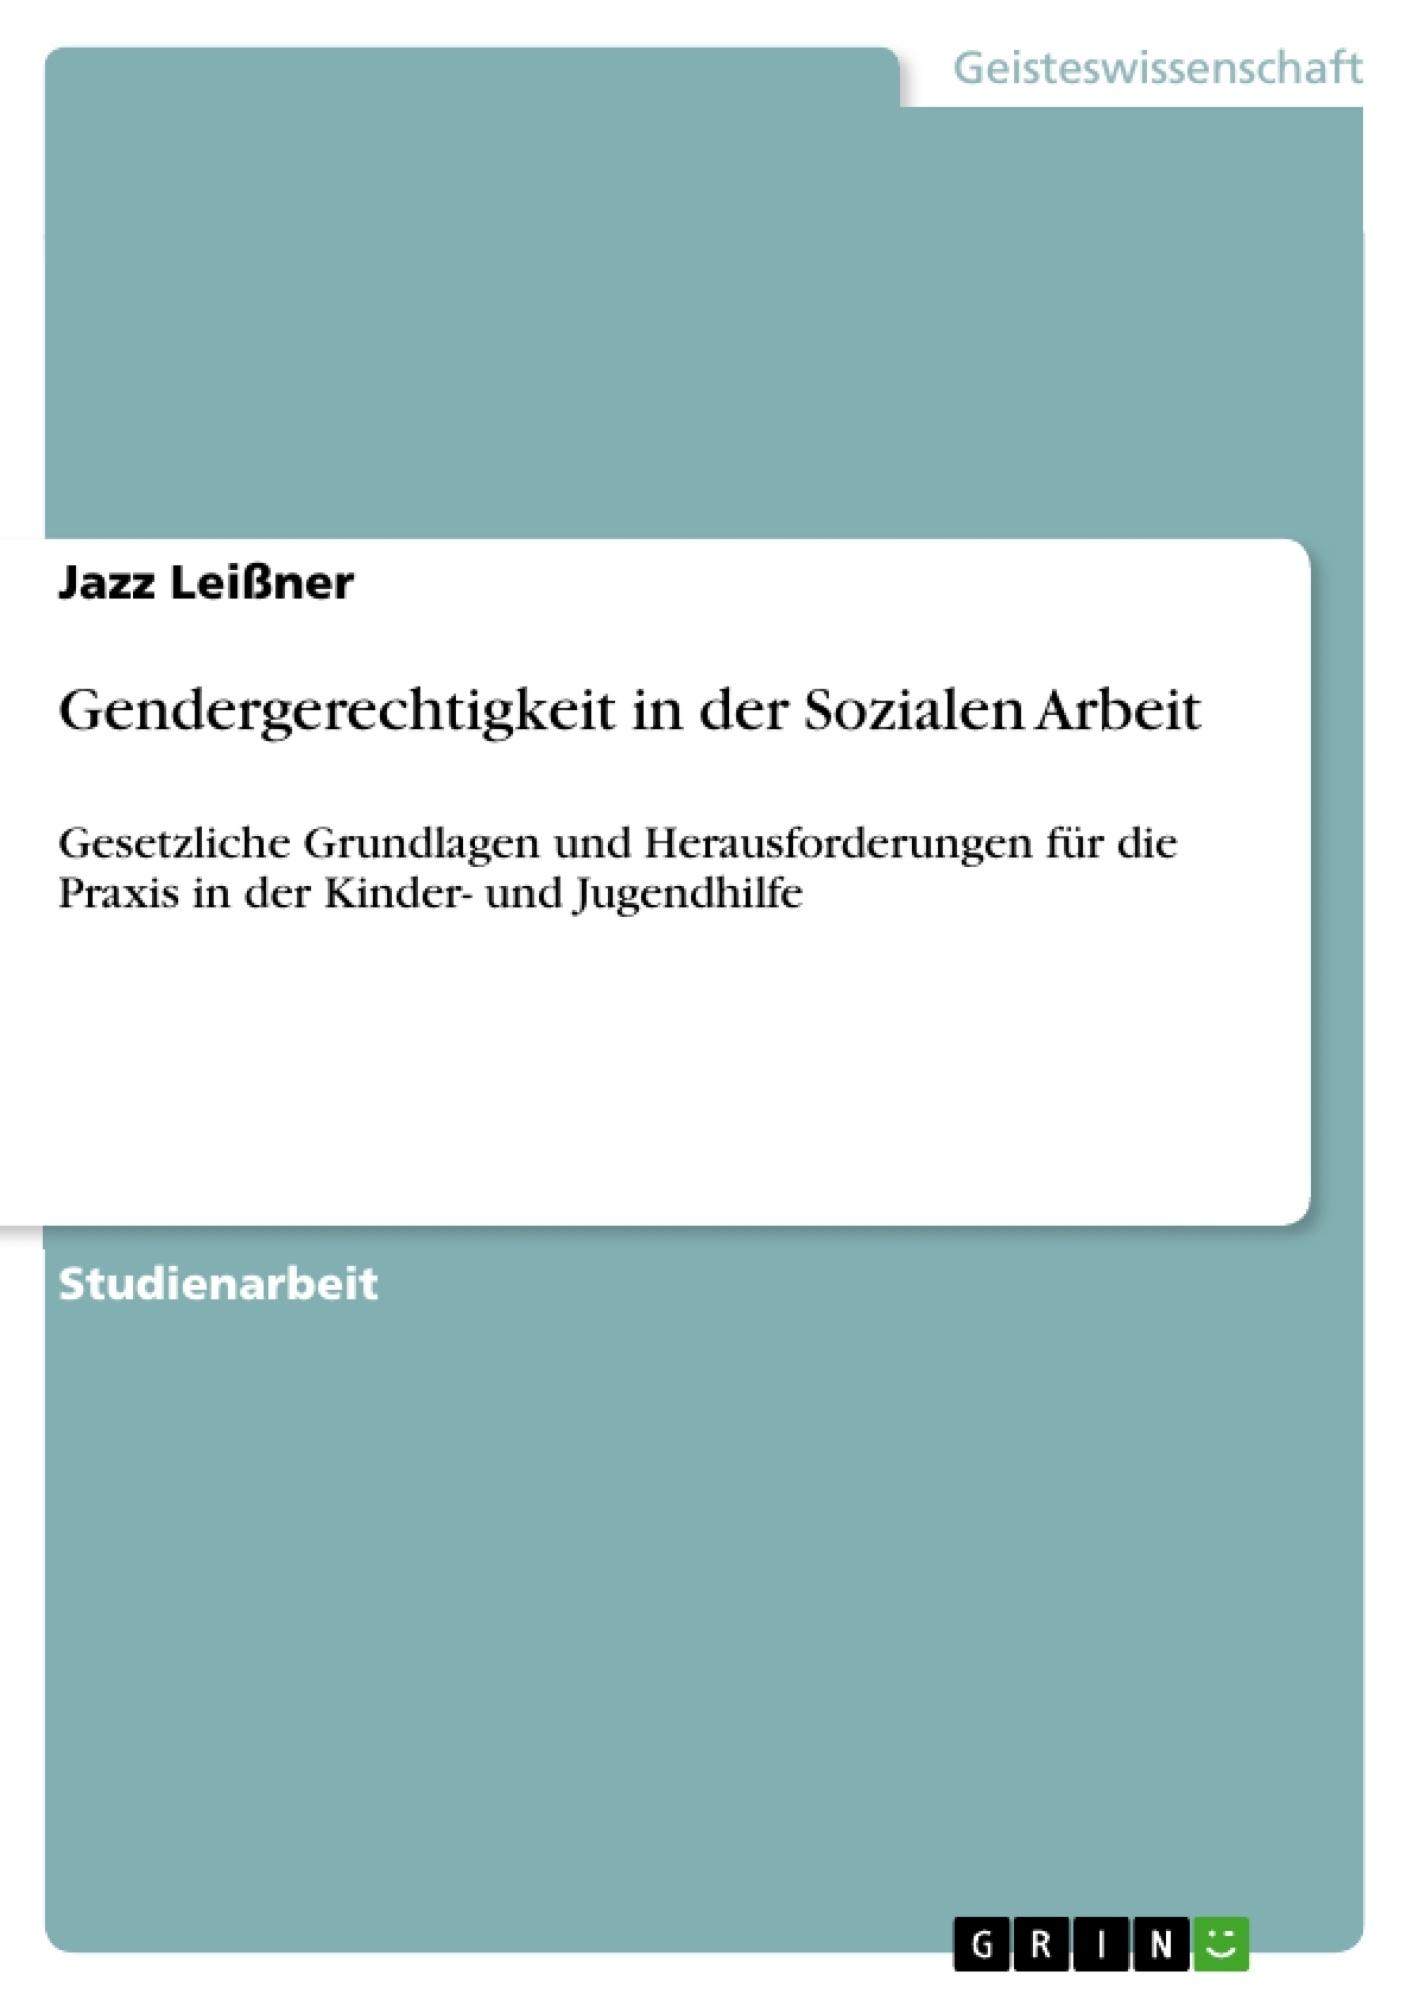 Titel: Gendergerechtigkeit in der Sozialen Arbeit